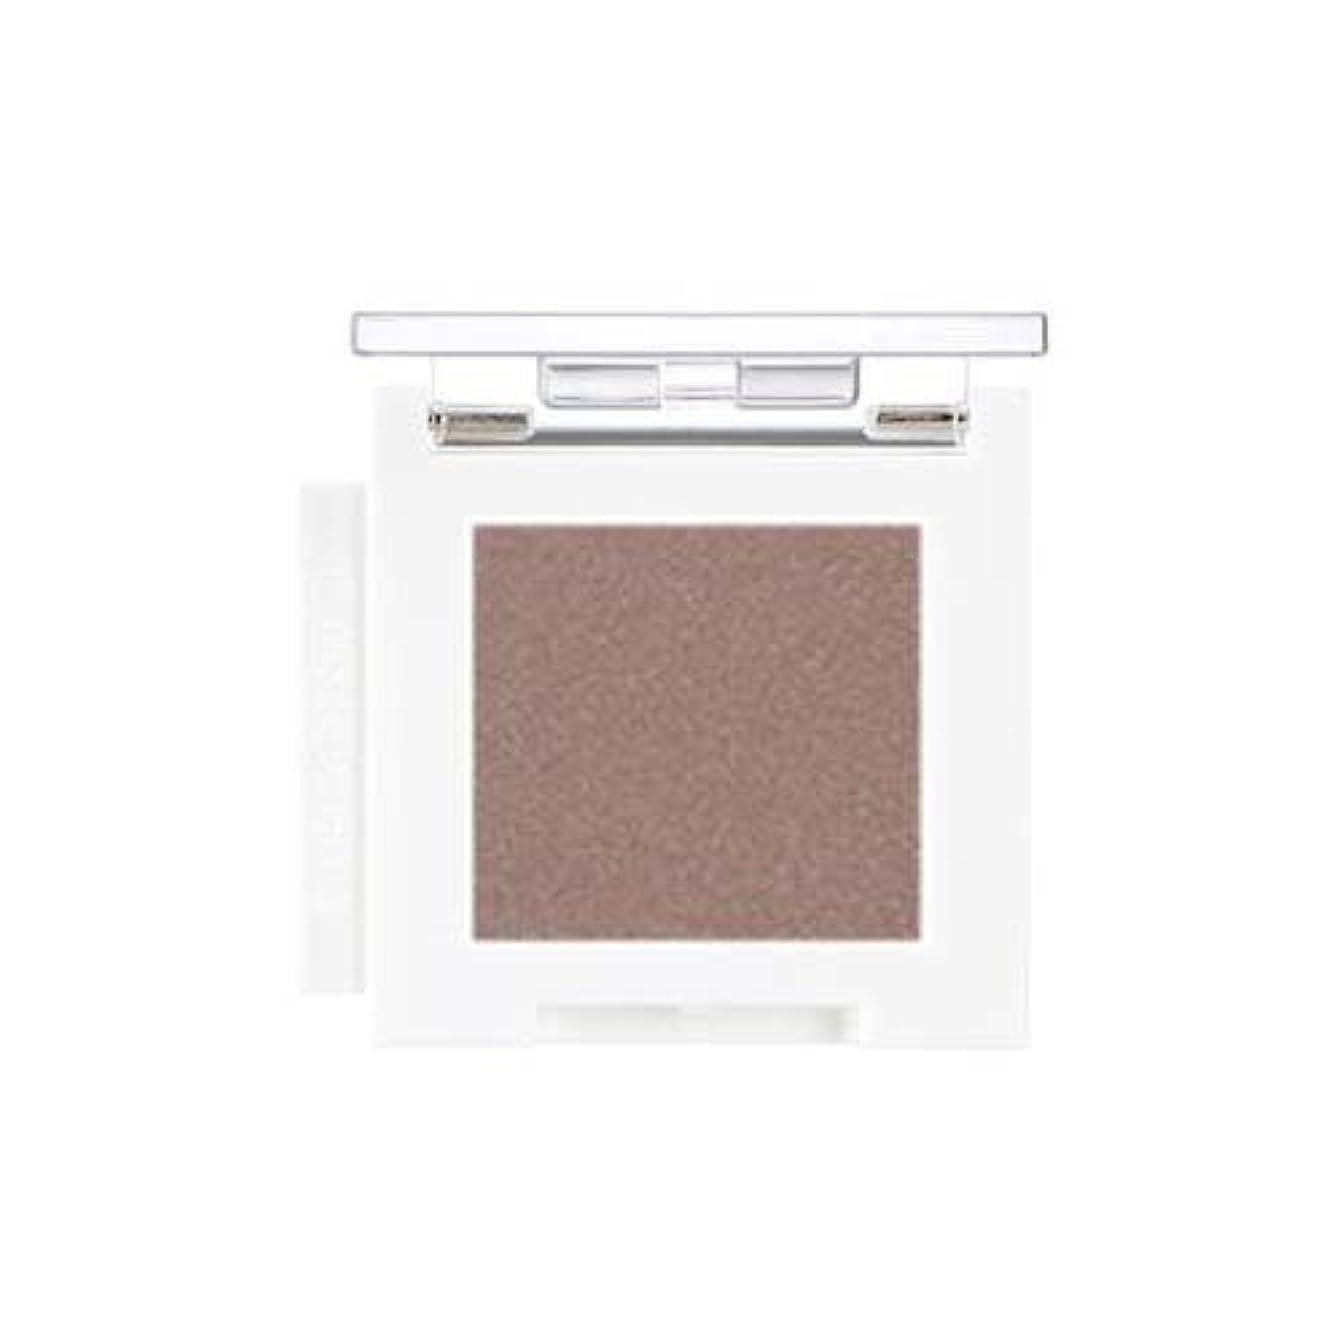 である秘書熱心な[ザ?フェイスショップ] THE FACE SHOP [モノ キューブ アイシャドウ (シマ一) 23カラー] (Mono Cube Eyeshadow (Shimmer) 2.0g - 23 shades) [海外直送品...